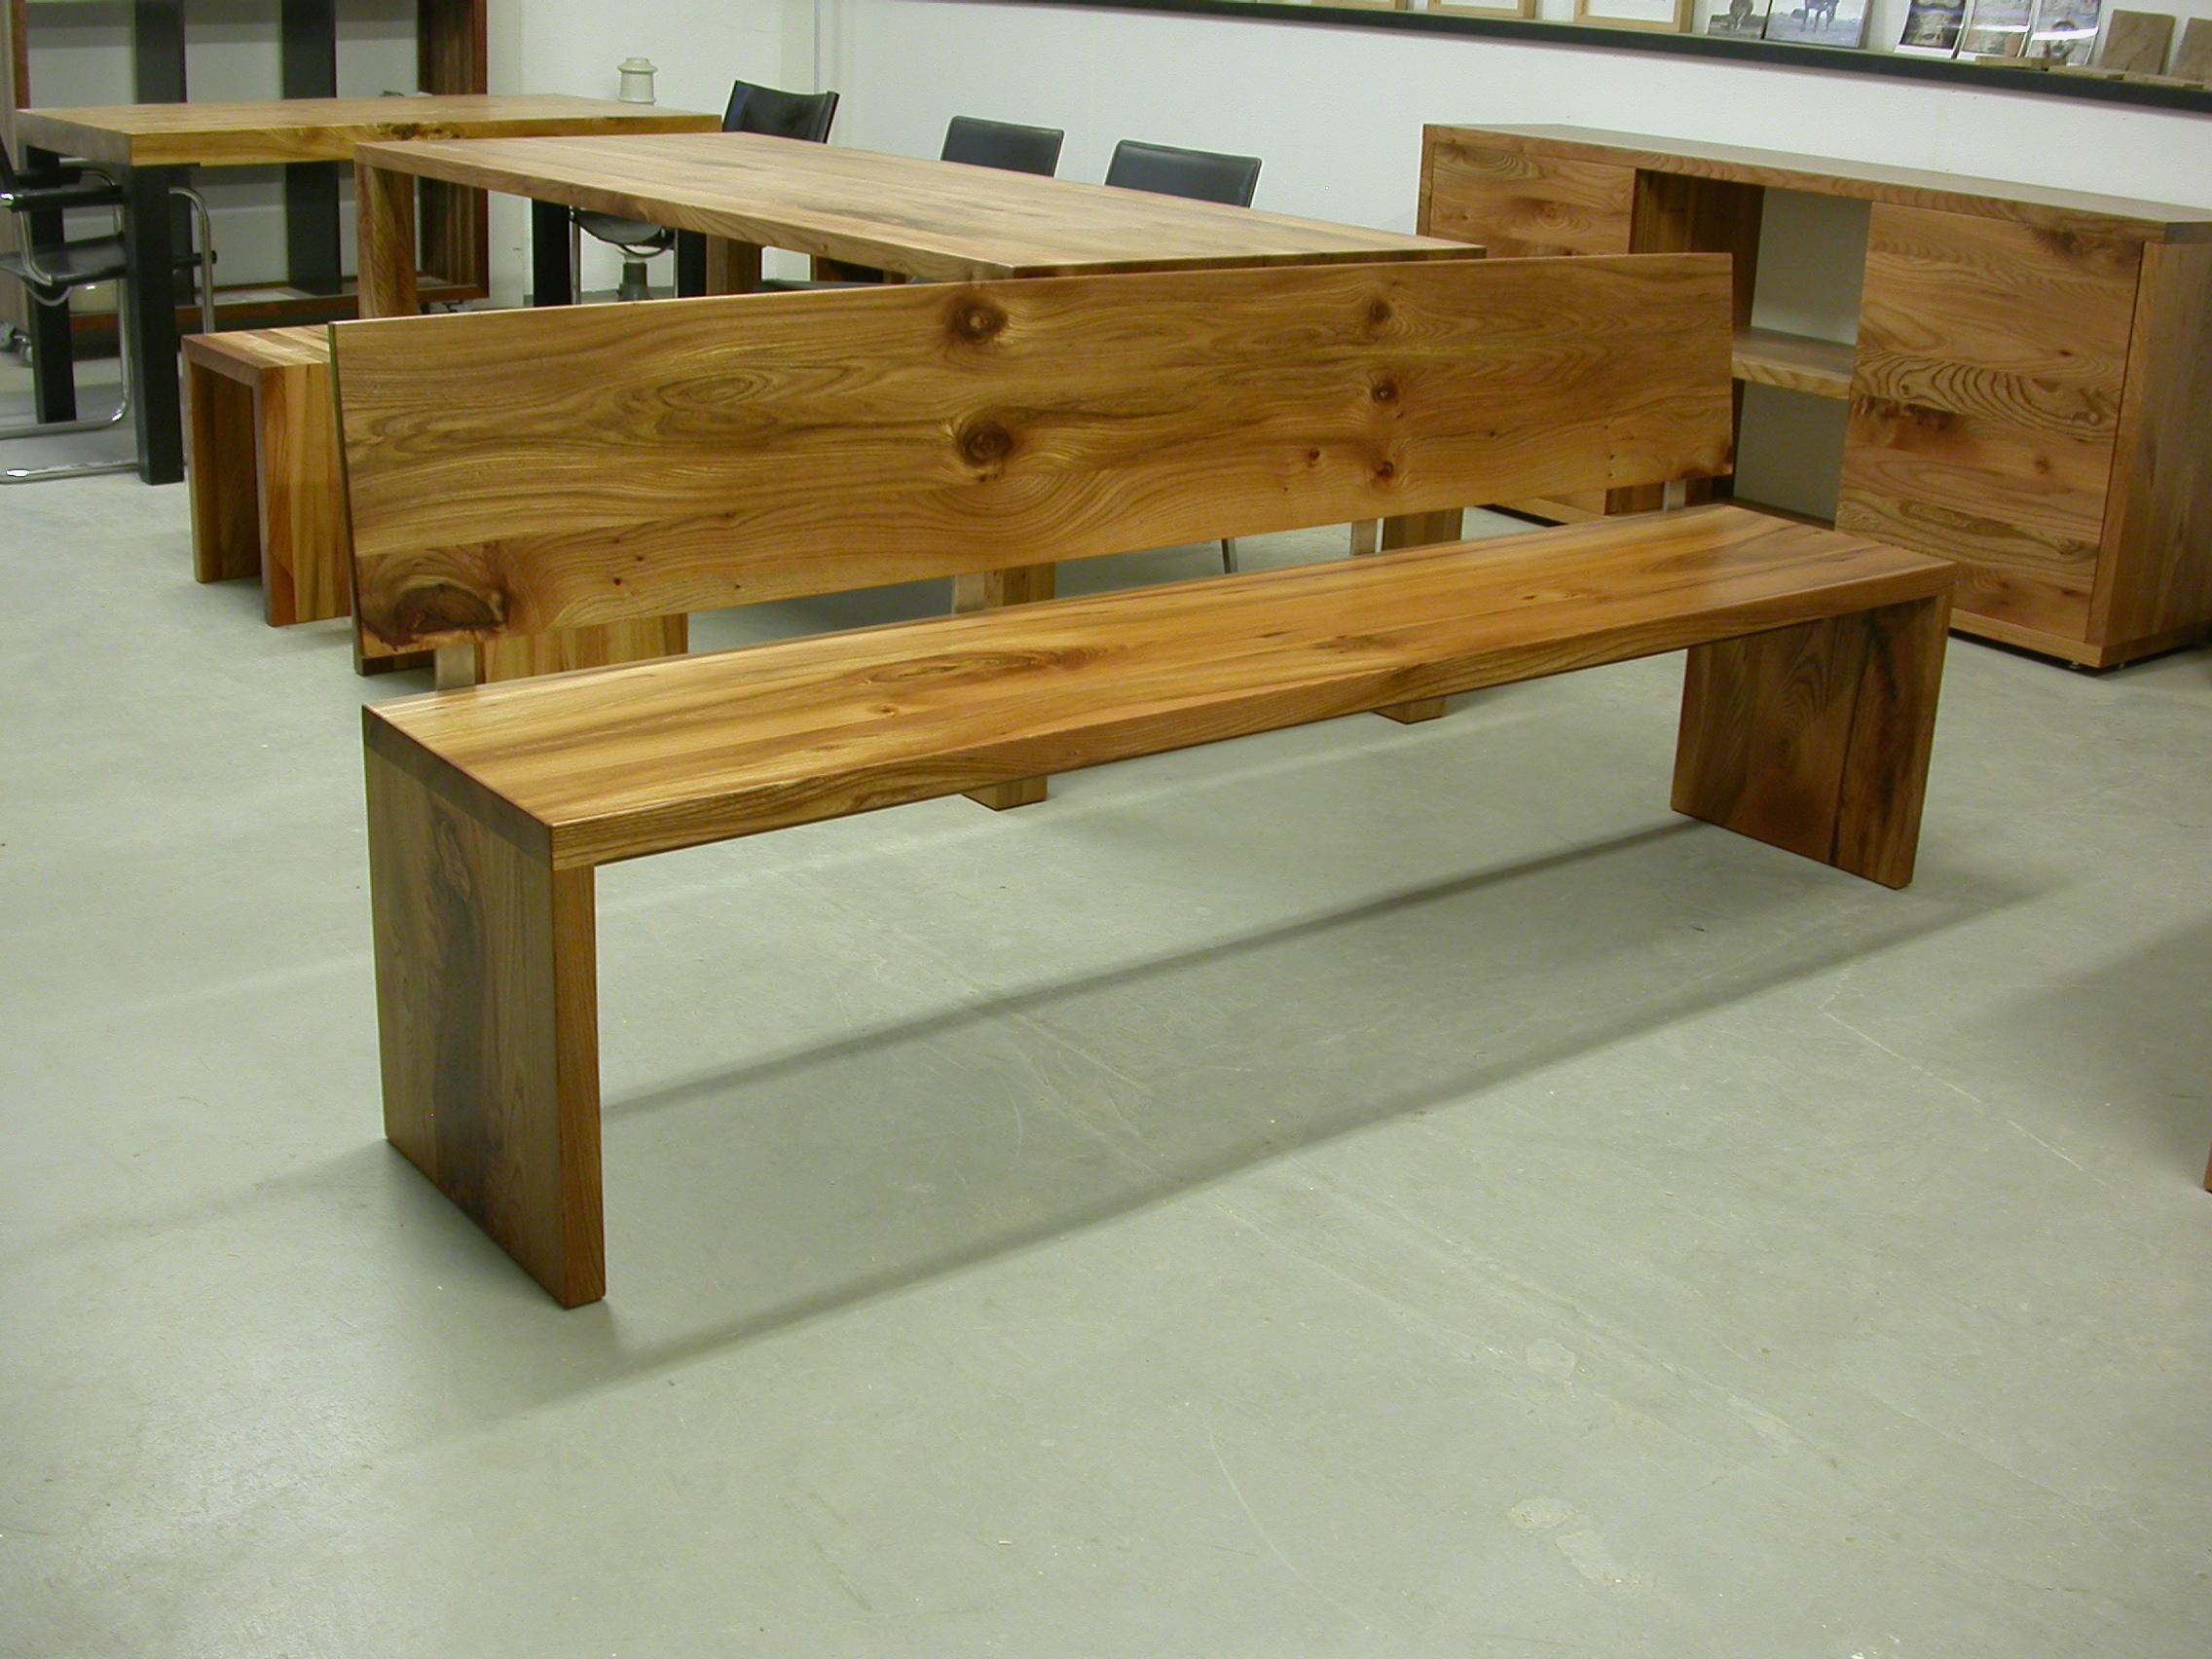 Bank Joseph mit Rückenlehne aus Holz und Edelstahl.